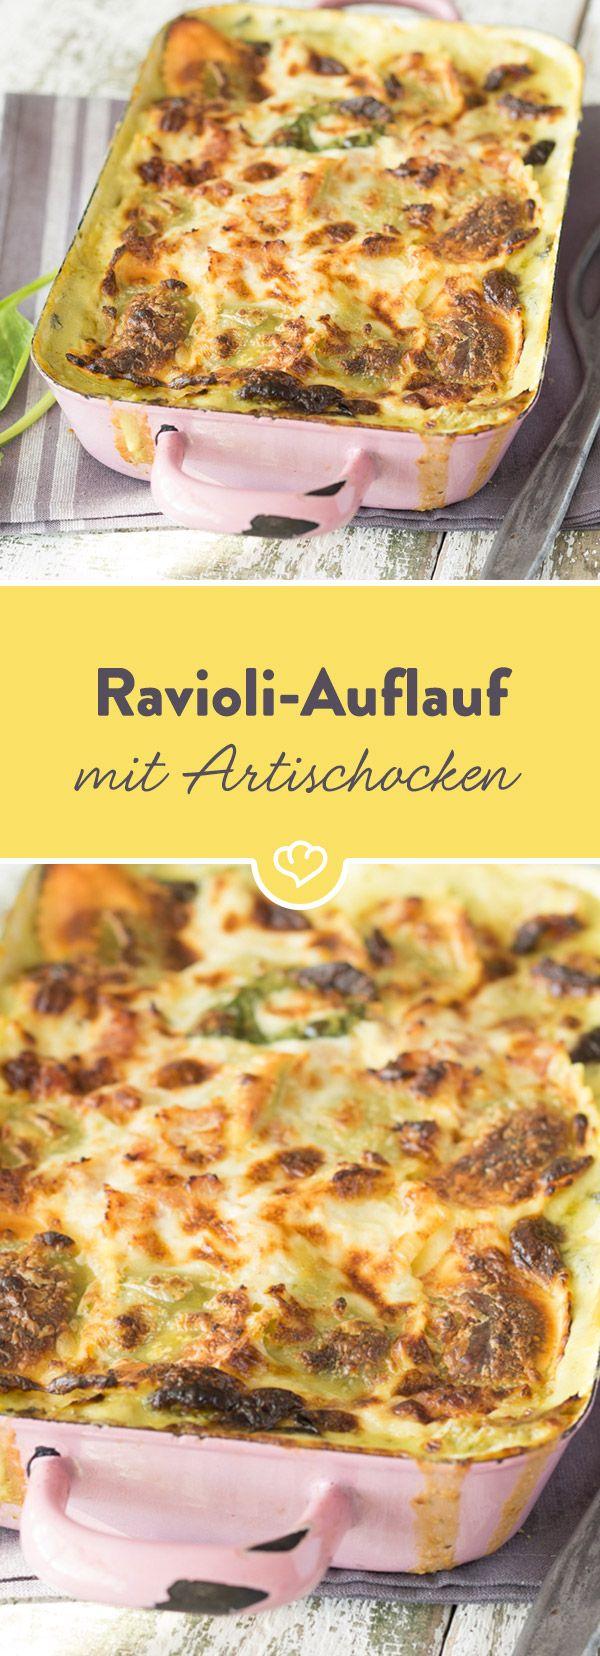 Ravioli, frischer Spinat, würzige Artischockenherzen, cremige Alfredosauce... und das Ganze dann noch überbacken aus dem Ofen? Her damit!